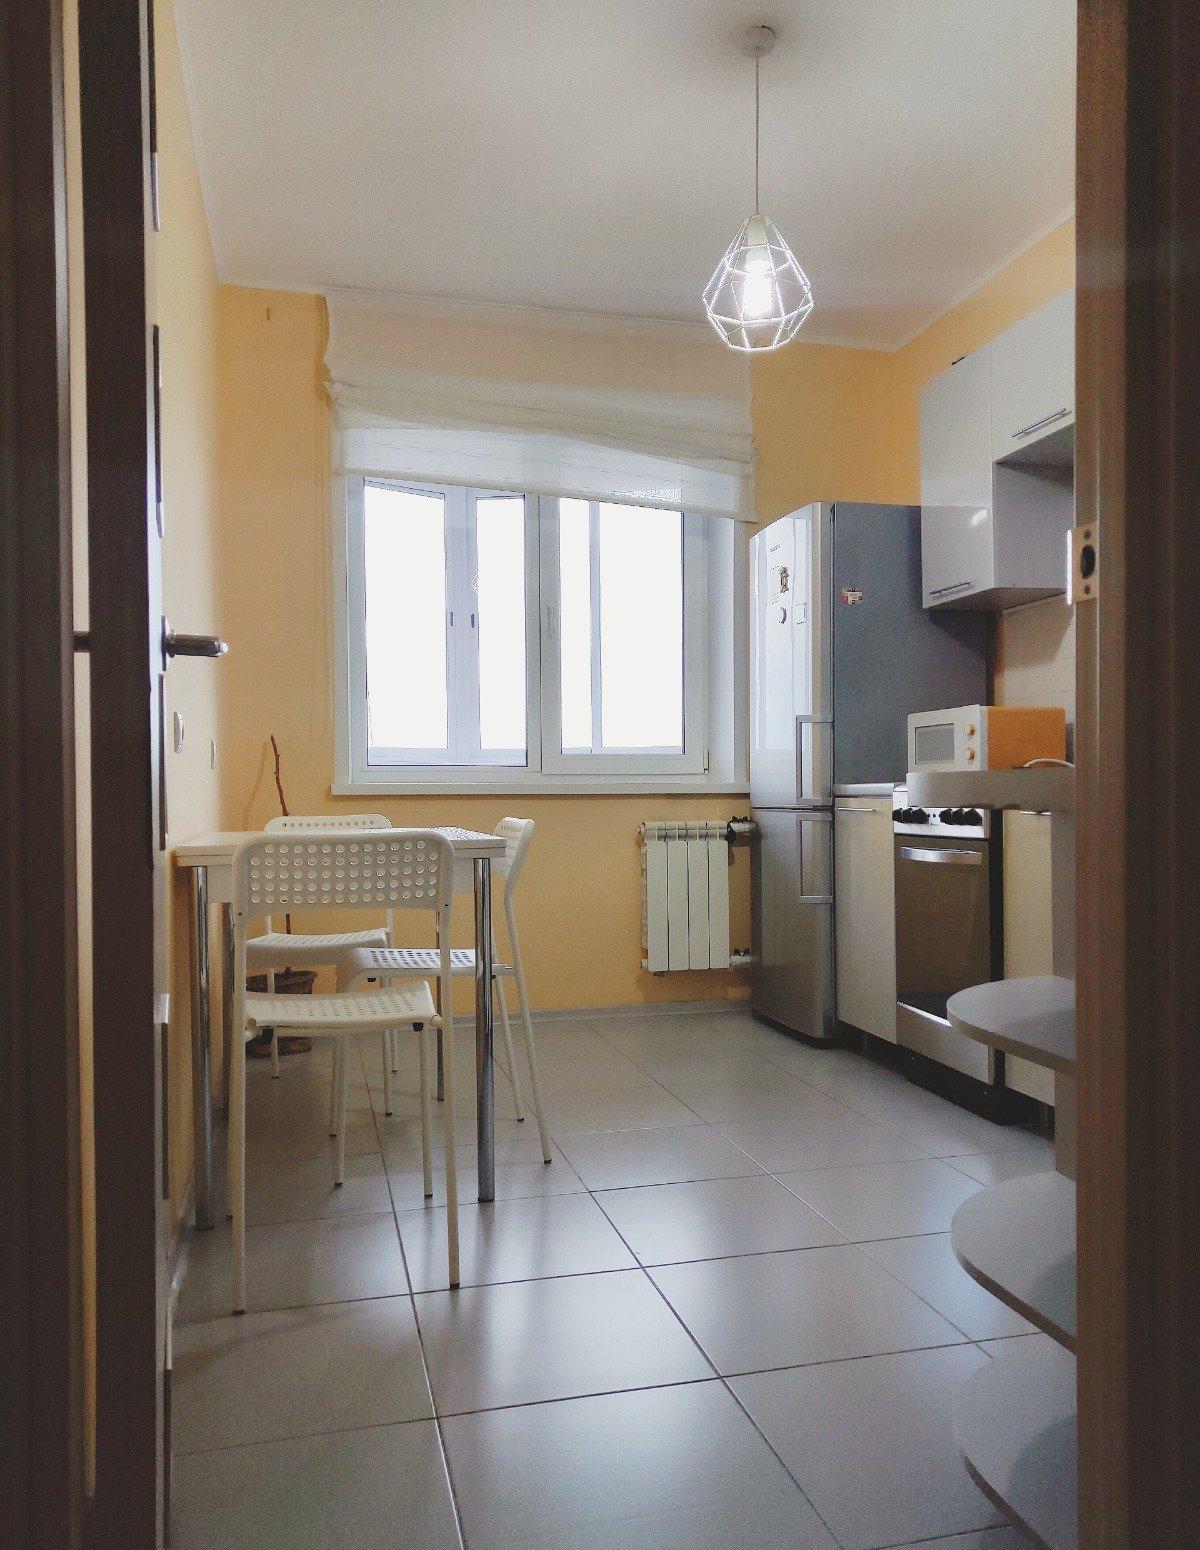 2к квартира Свободный пр-кт, д 74 | 25000 | аренда в Красноярске фото 3